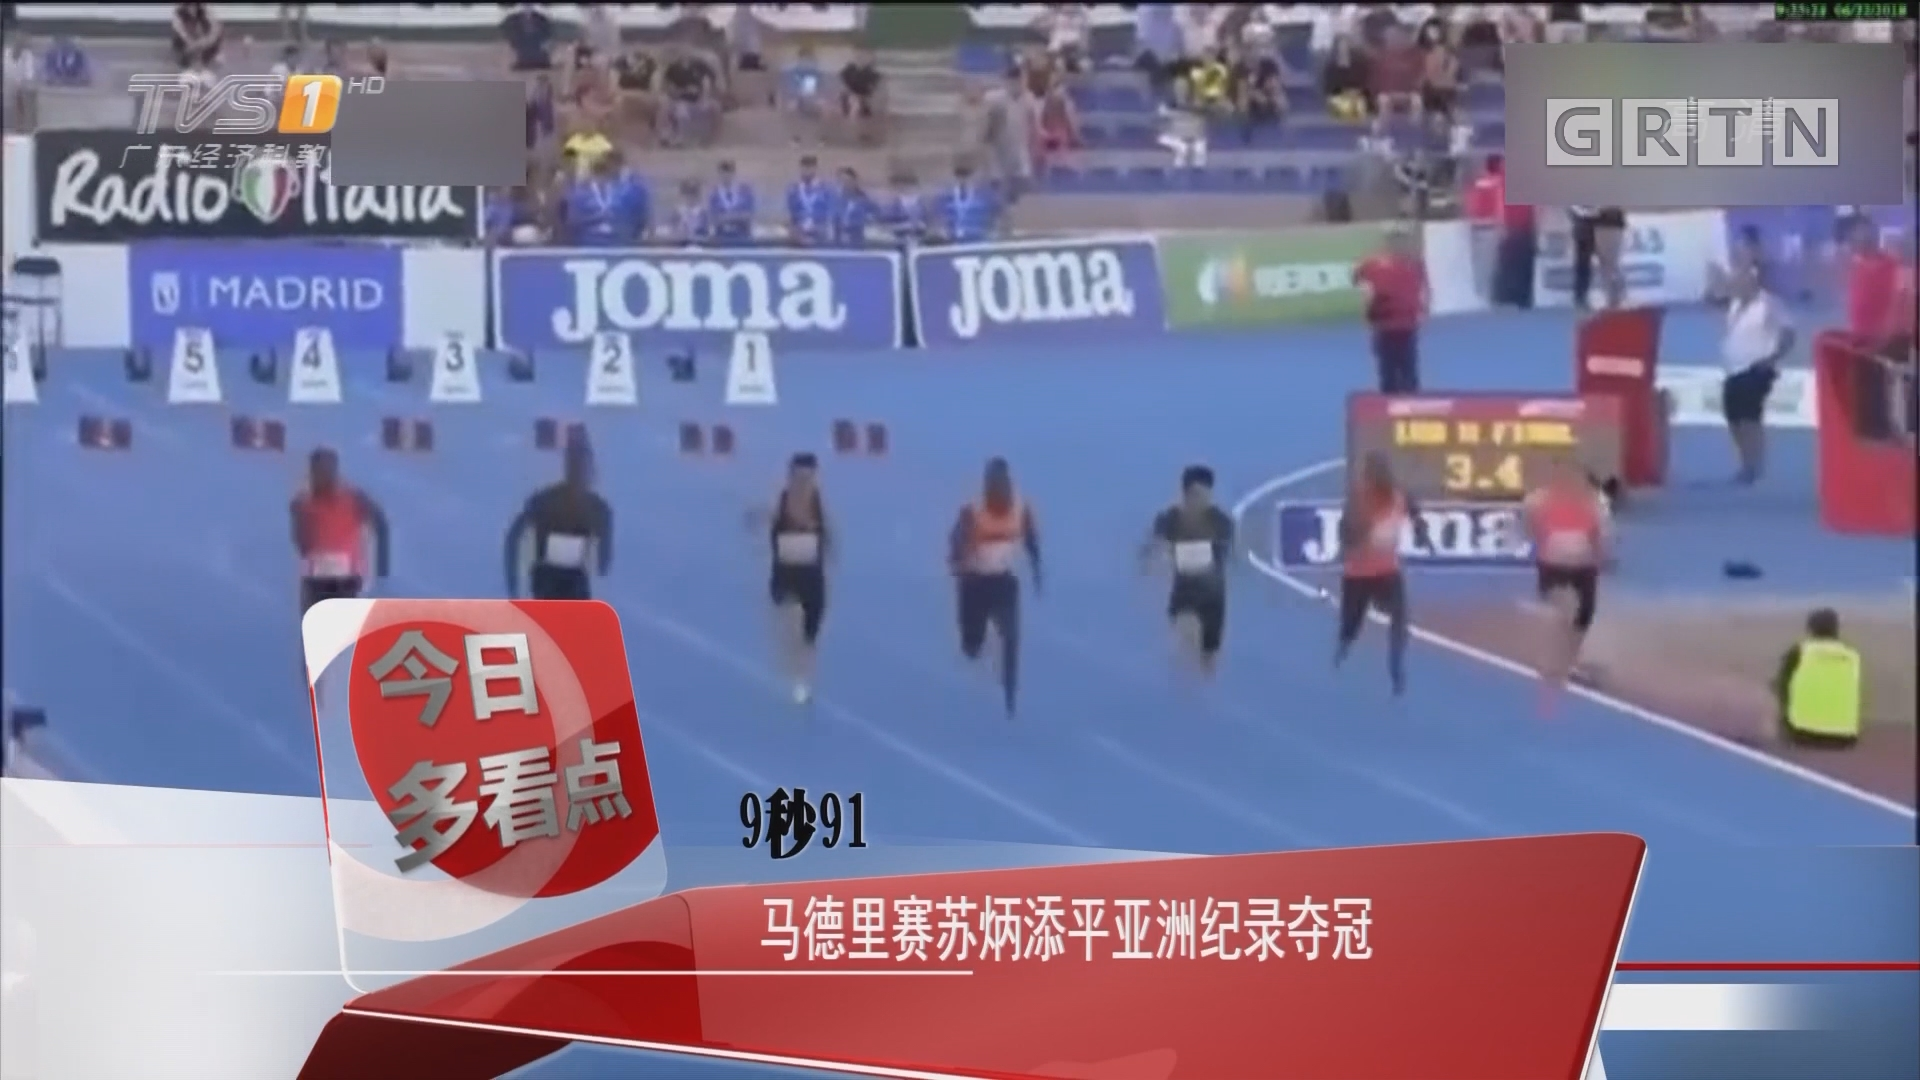 9秒91:马德里赛苏炳添平亚洲纪录夺冠